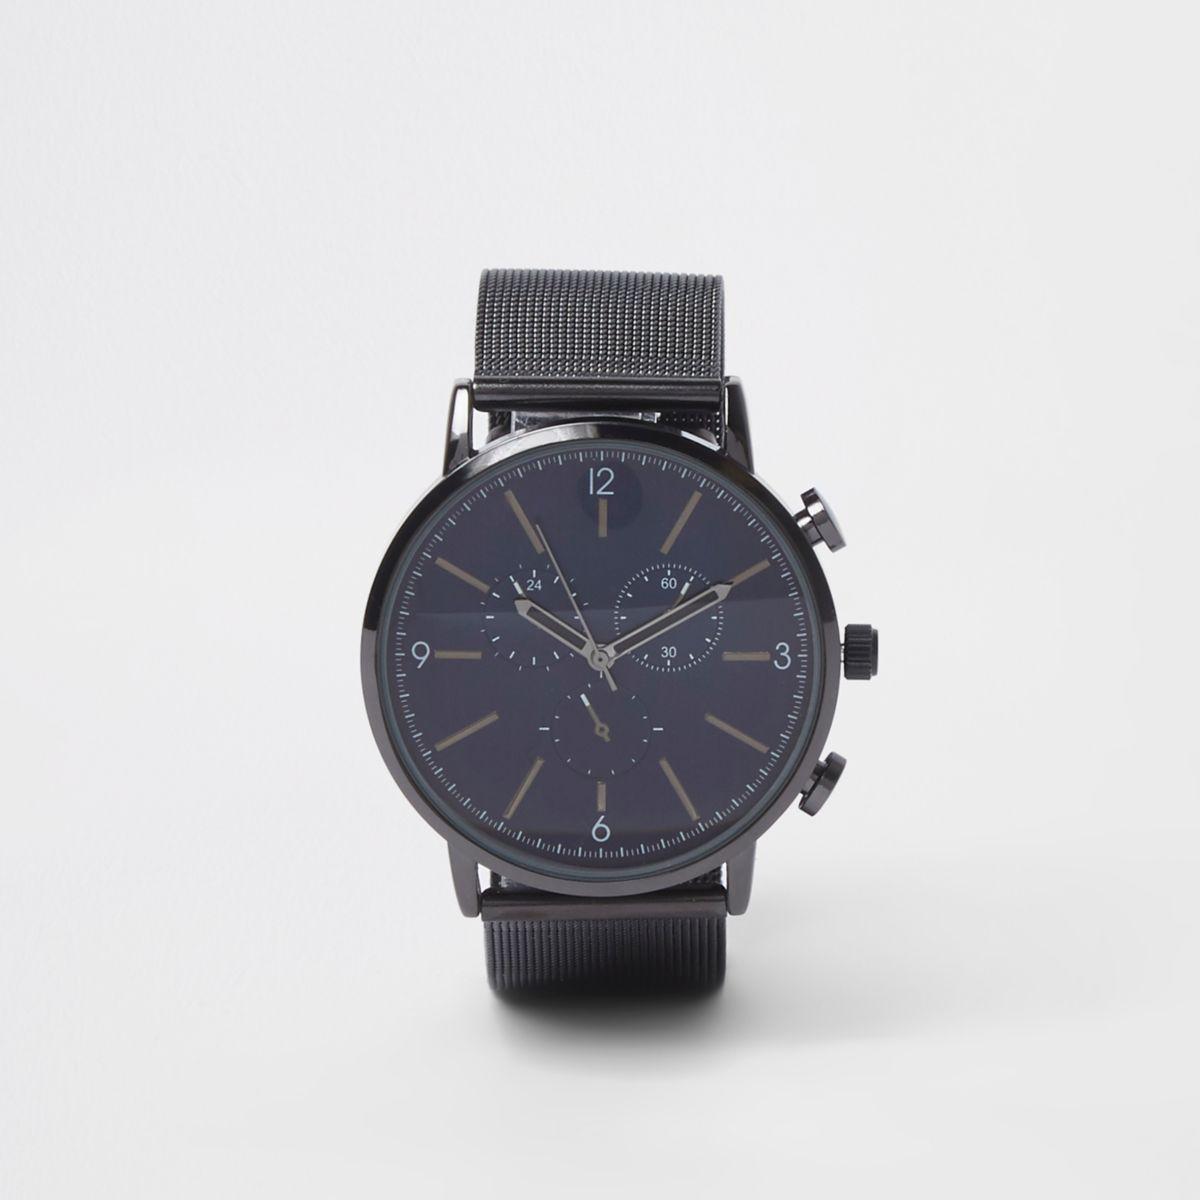 Black mesh strap round watch